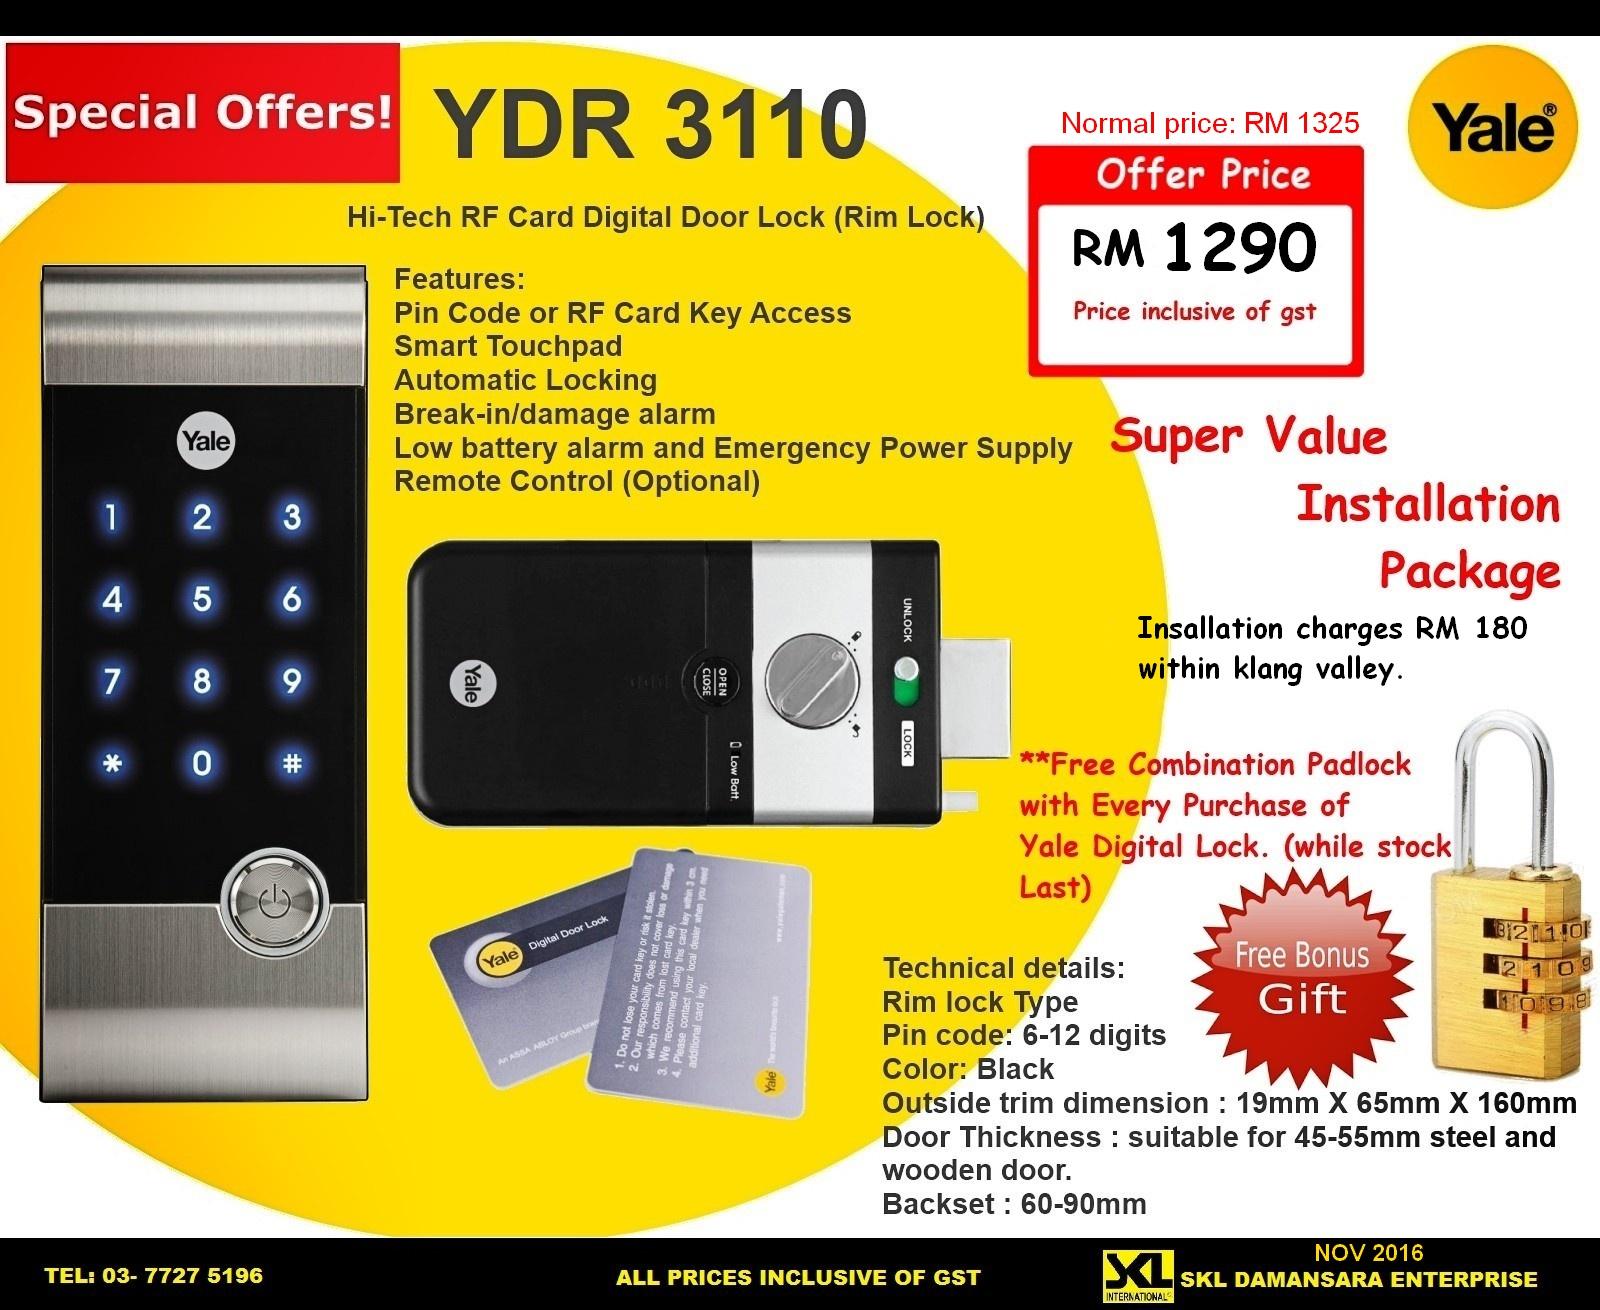 Yale Ydr 3110 Digital Rim Lock On Pr End 6 15 2018 5 15 Pm